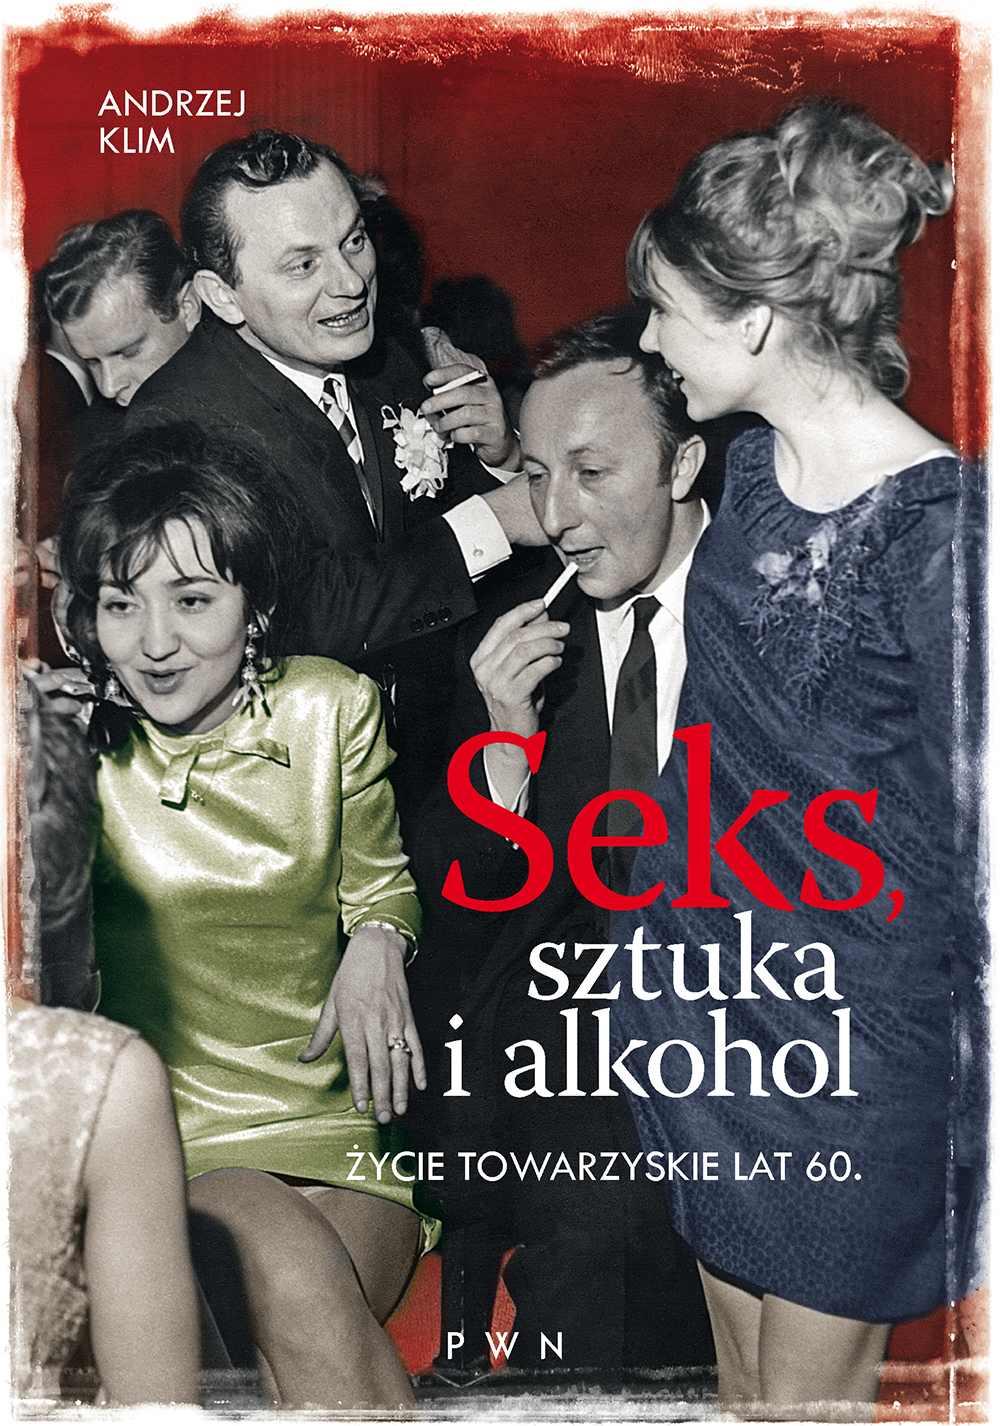 Seks, sztuka i alkohol - Ebook (Książka EPUB) do pobrania w formacie EPUB